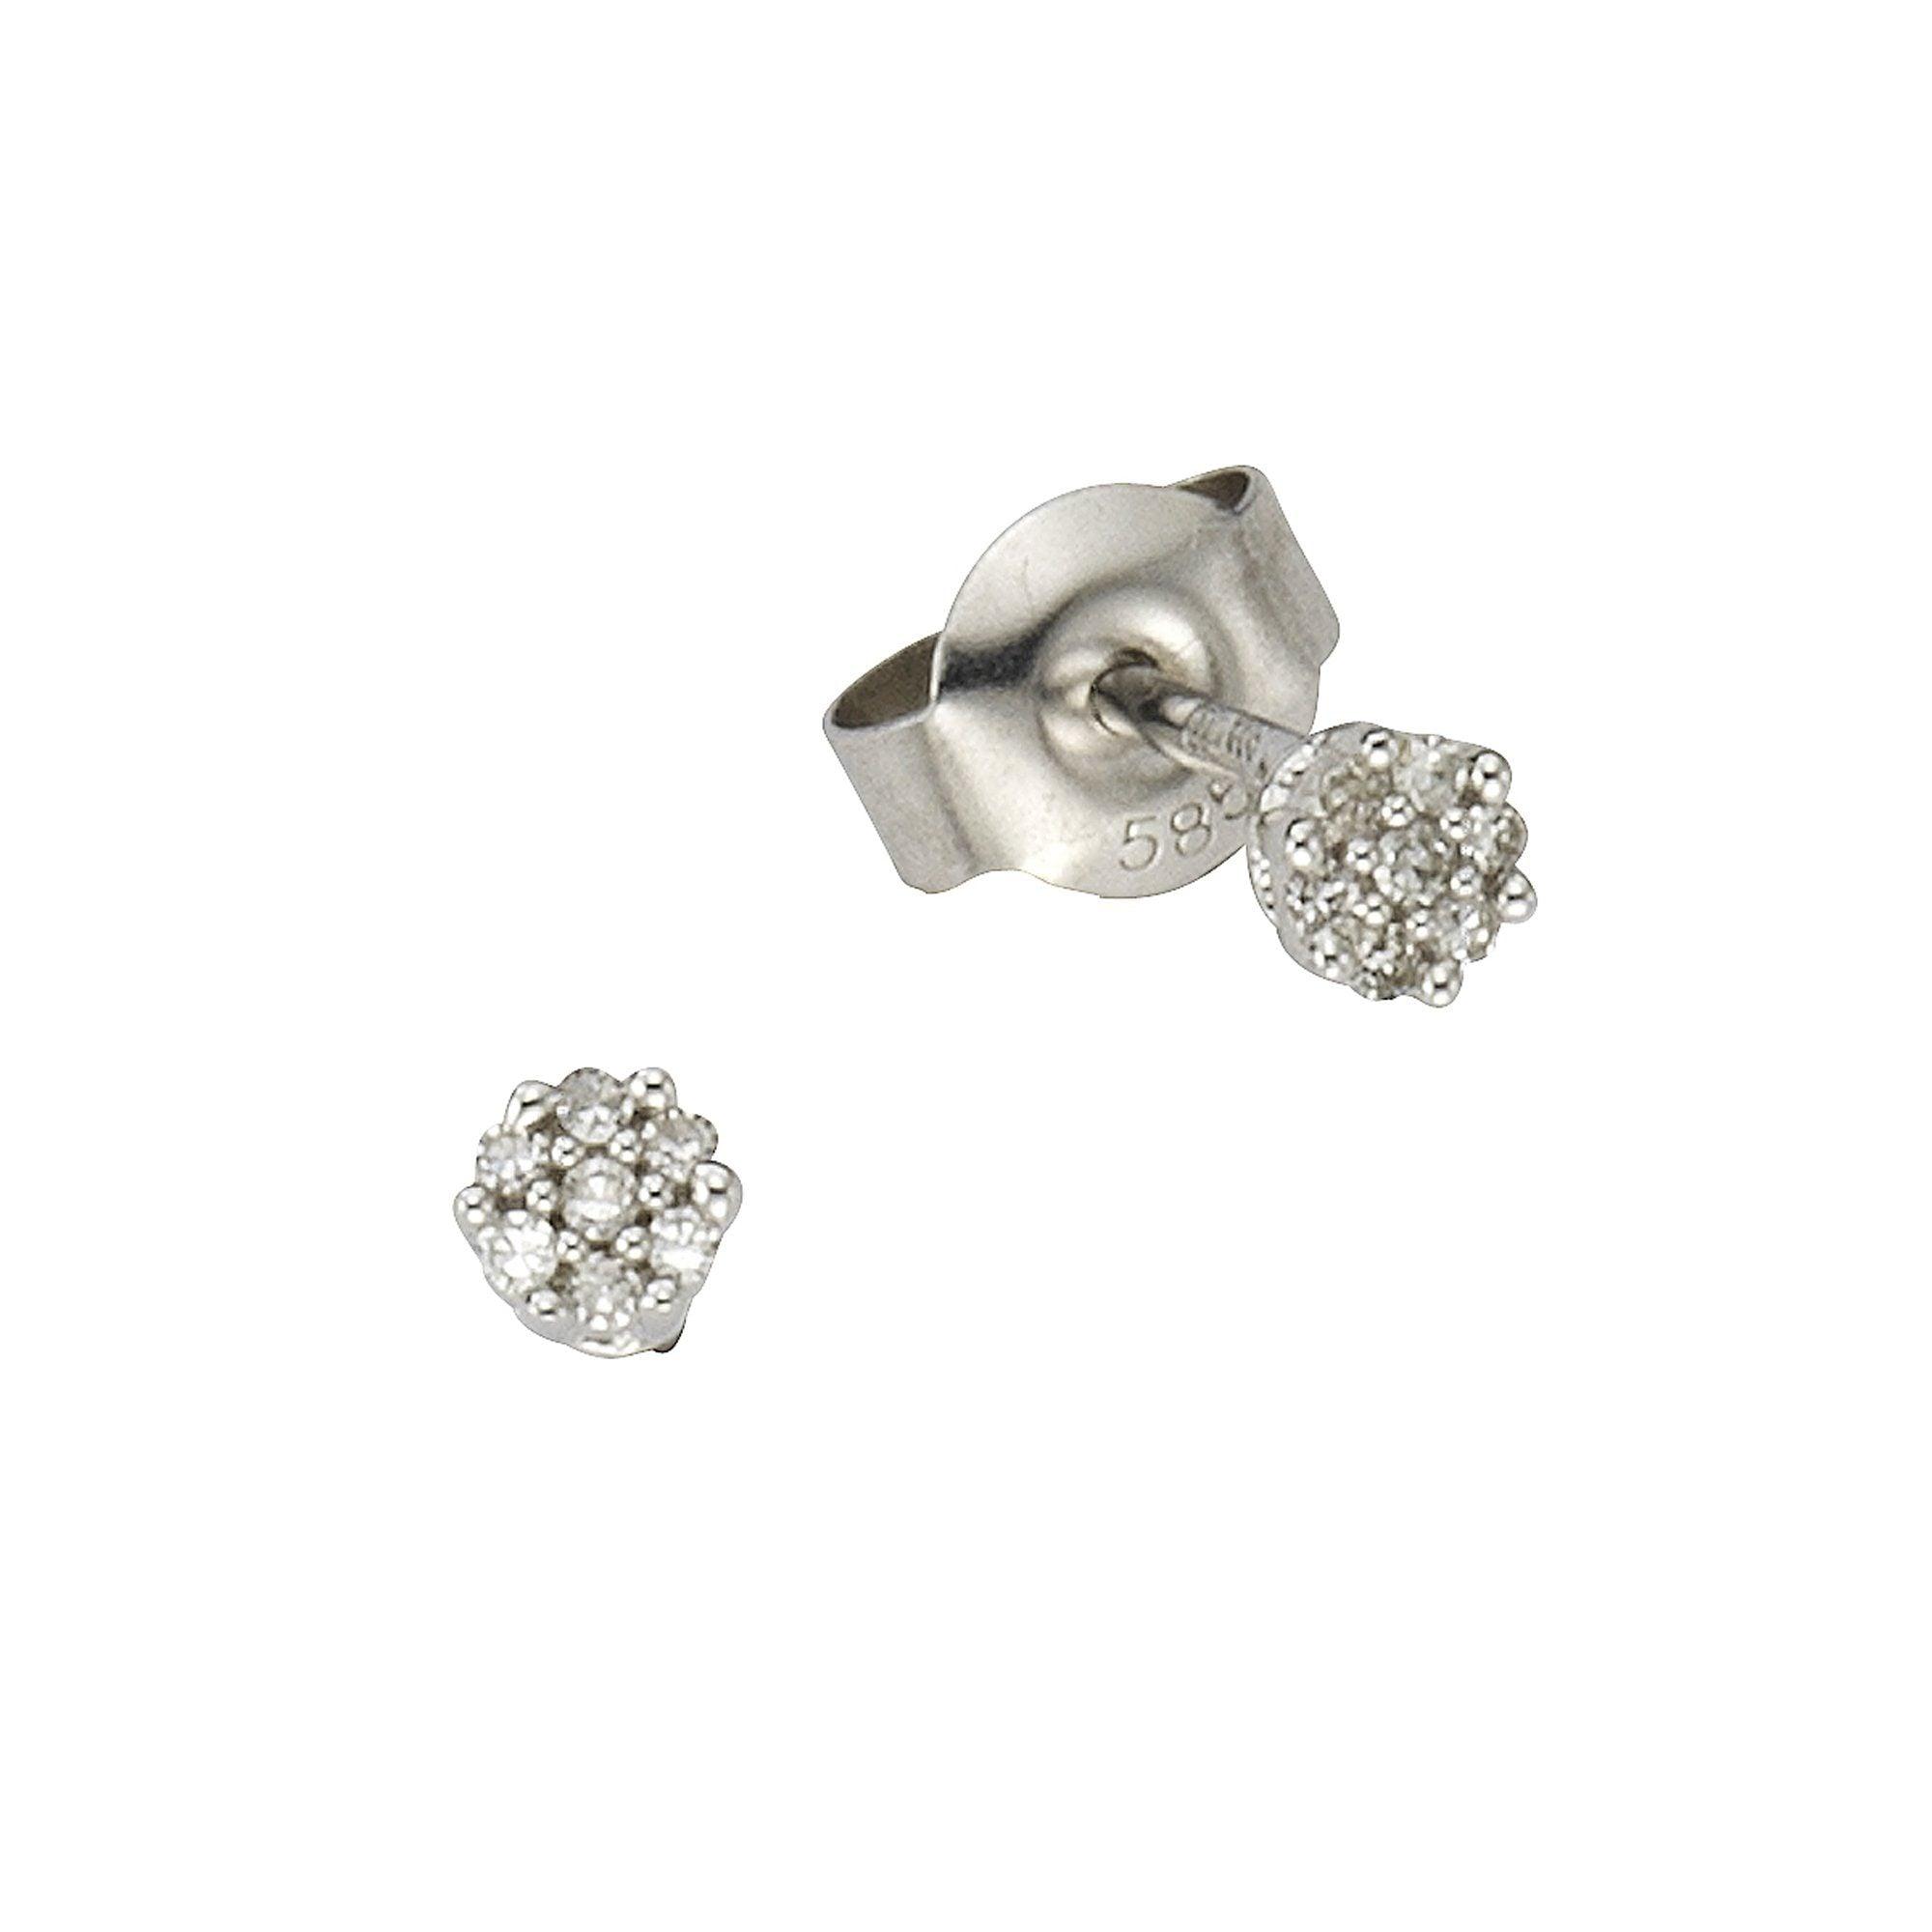 Diamonds by Ellen K Ohrstecker 585/- Weißgold Diamant 0055ct | Schmuck > Ohrschmuck & Ohrringe | Diamonds By Ellen K.